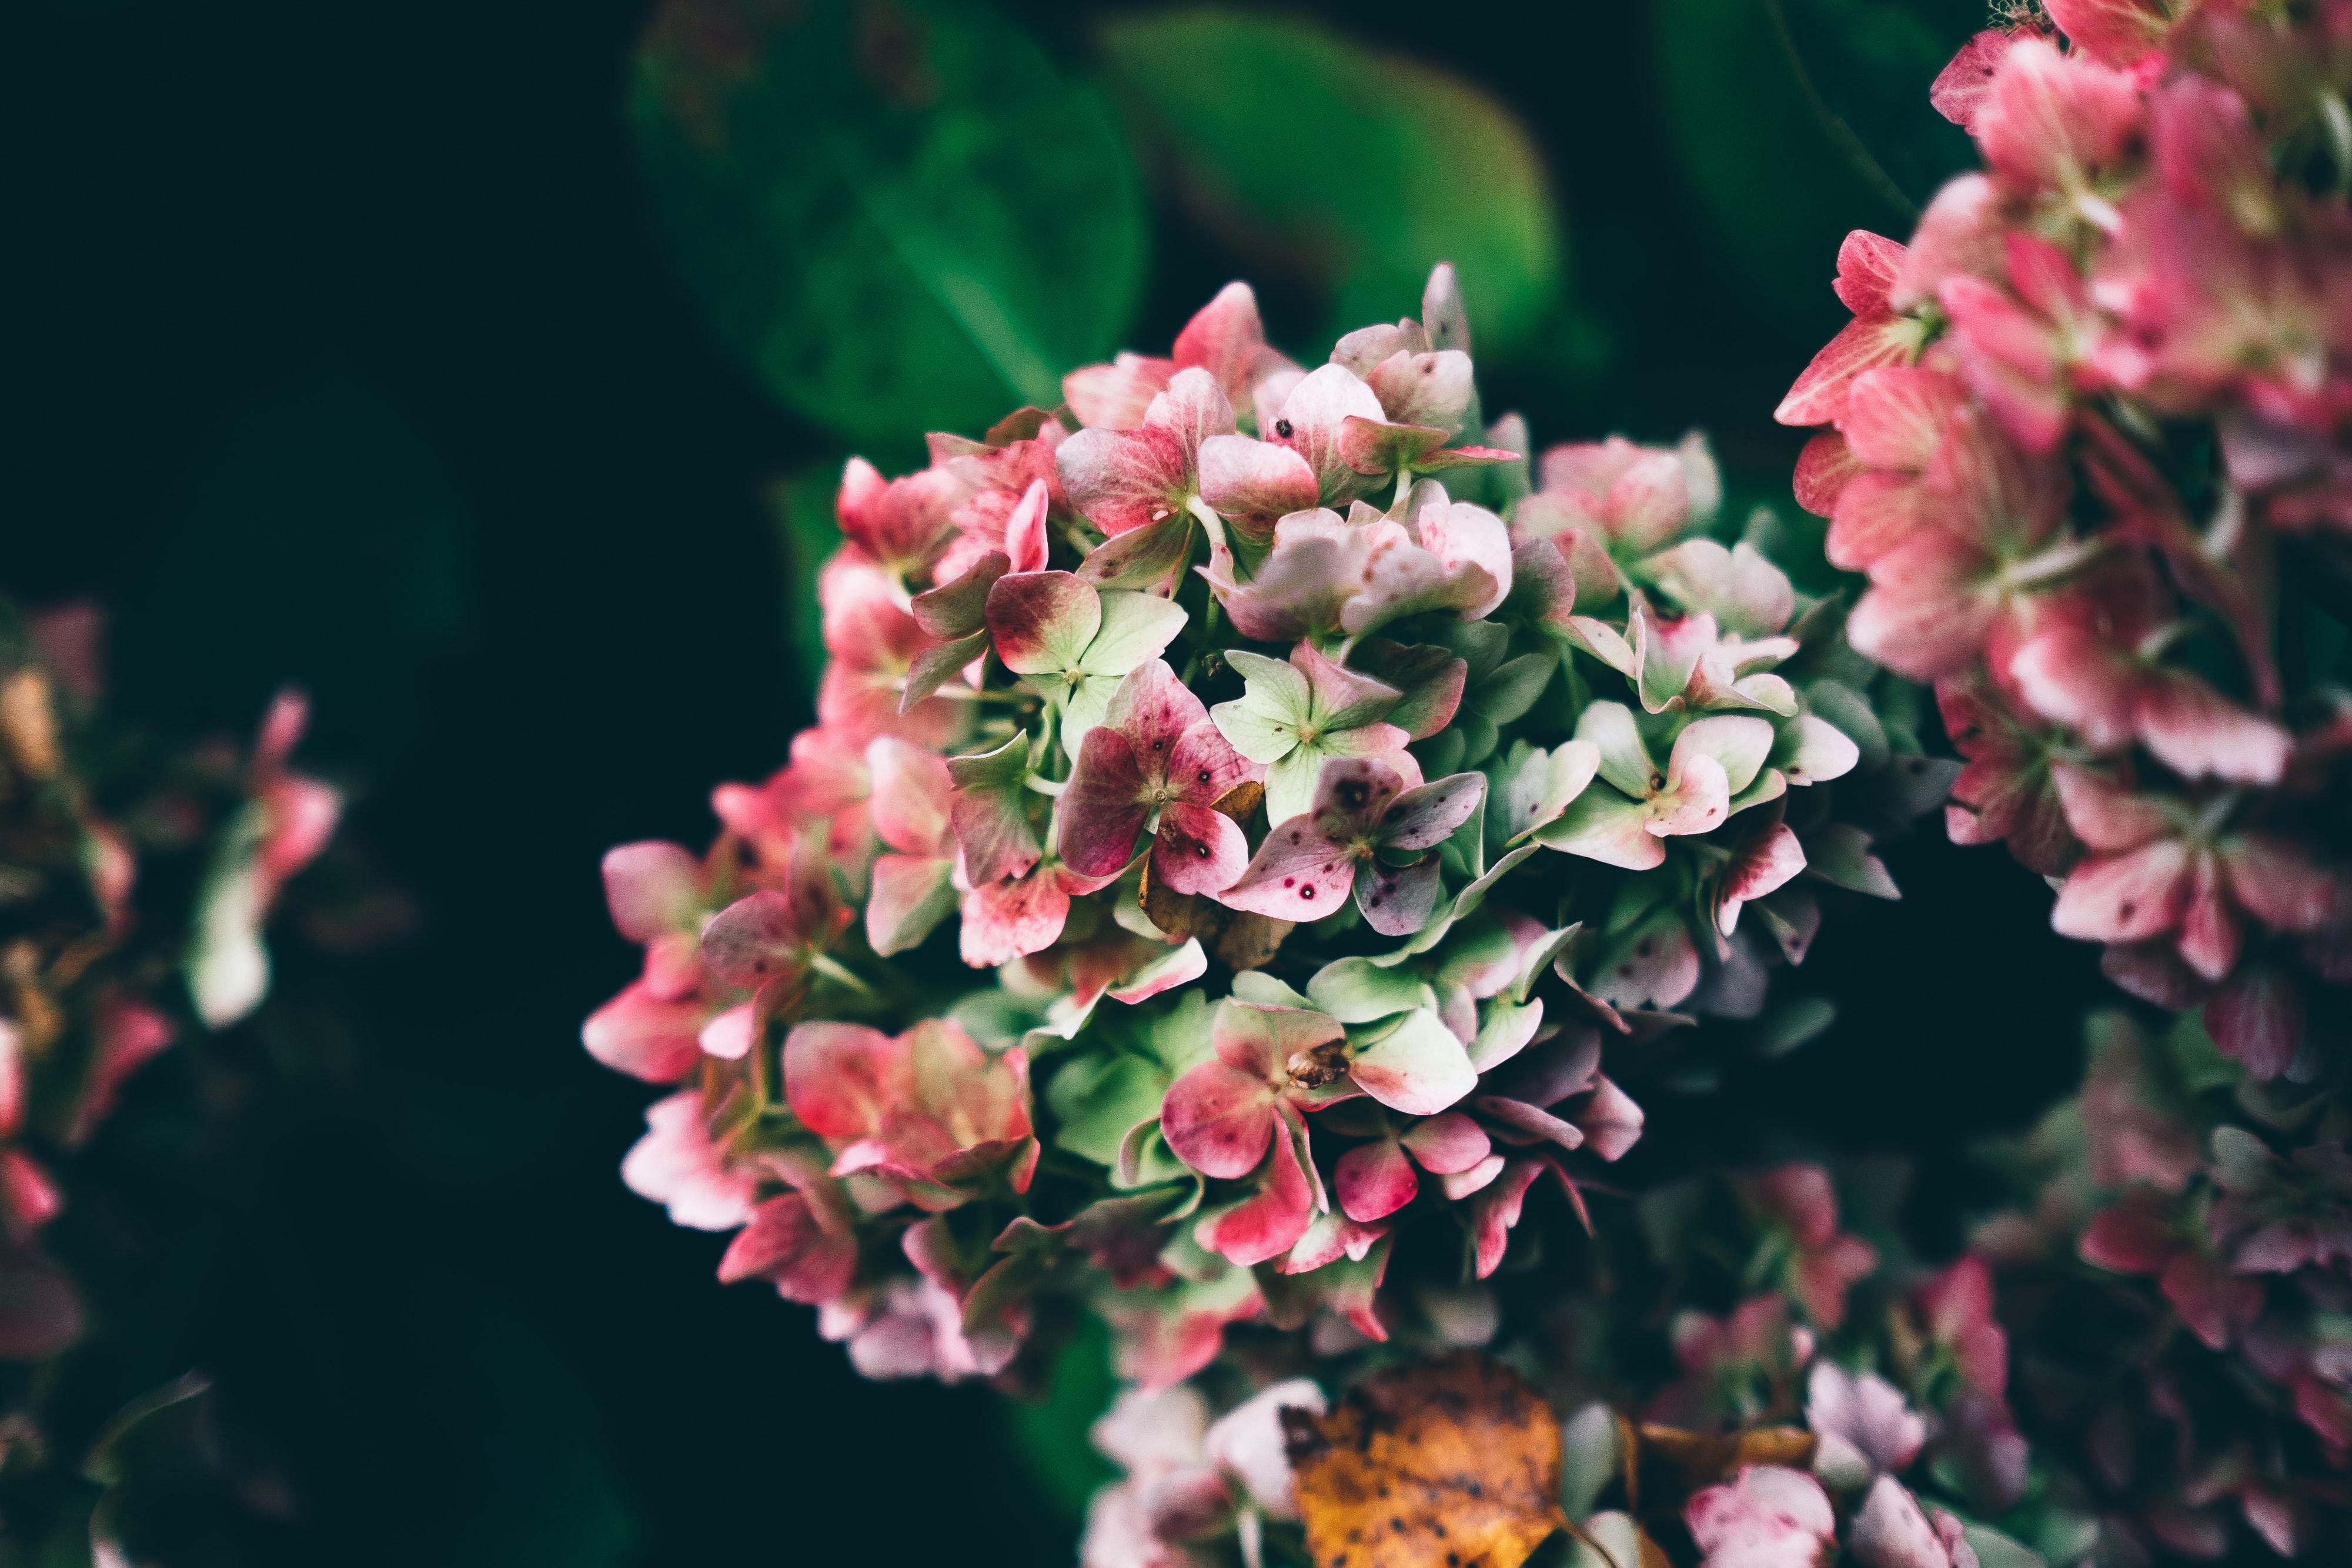 (参考記事:秋らしい花で部屋を彩ろう。今だから楽しめるおすすめのお花9種)